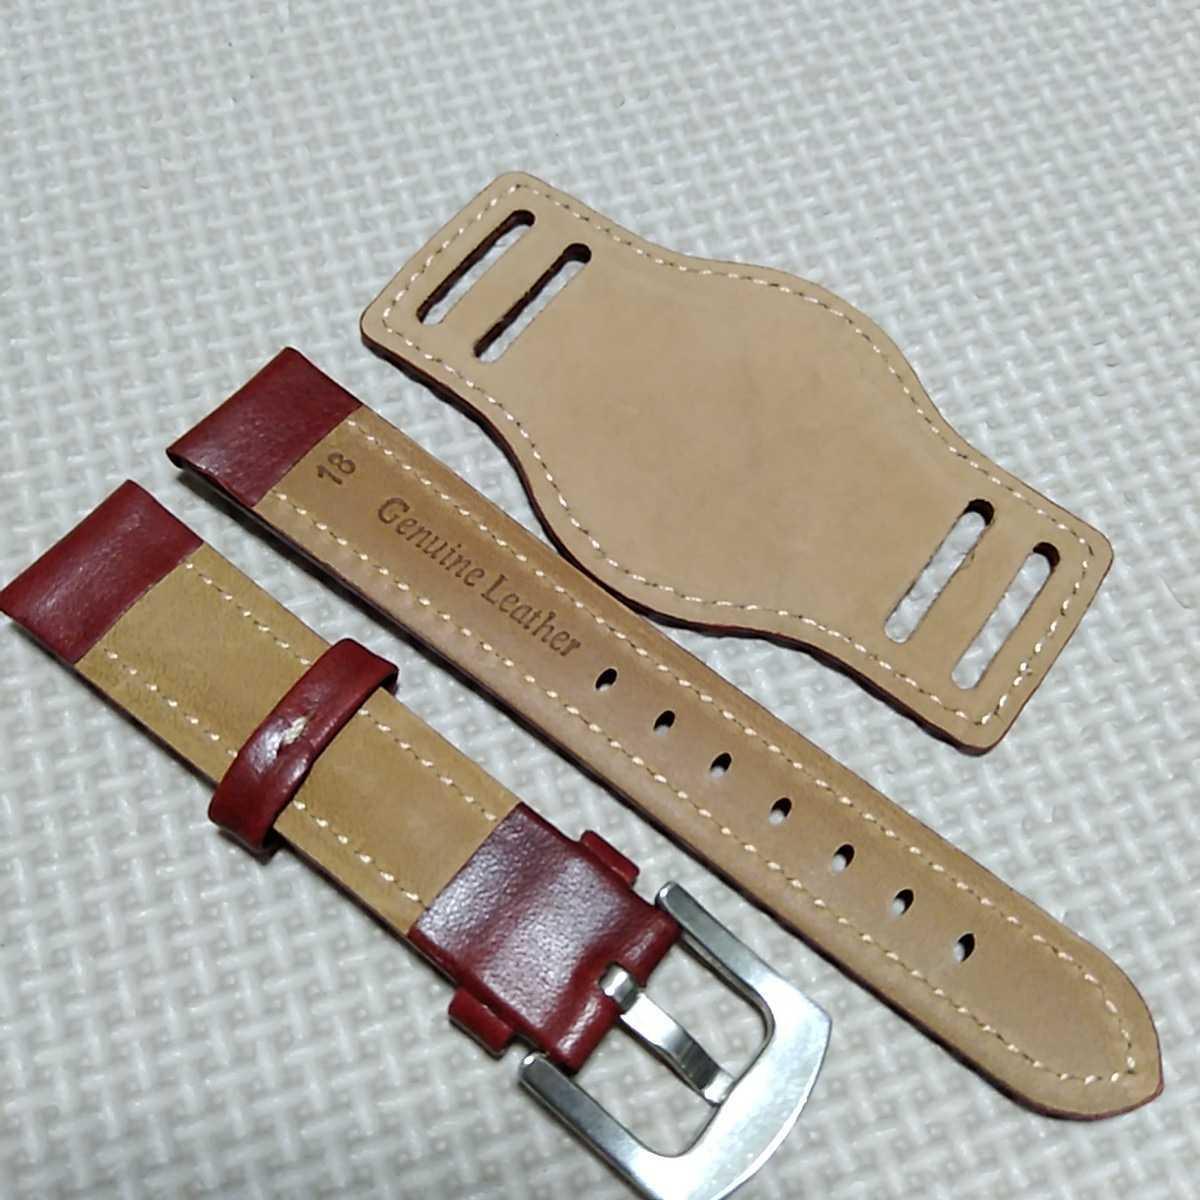 No54 ブンド BUND 本革レザーベルト 腕時計ベルト 交換用ストラップ レッド 18mm 未使用 高品質 ドイツパイロット 空軍_画像5